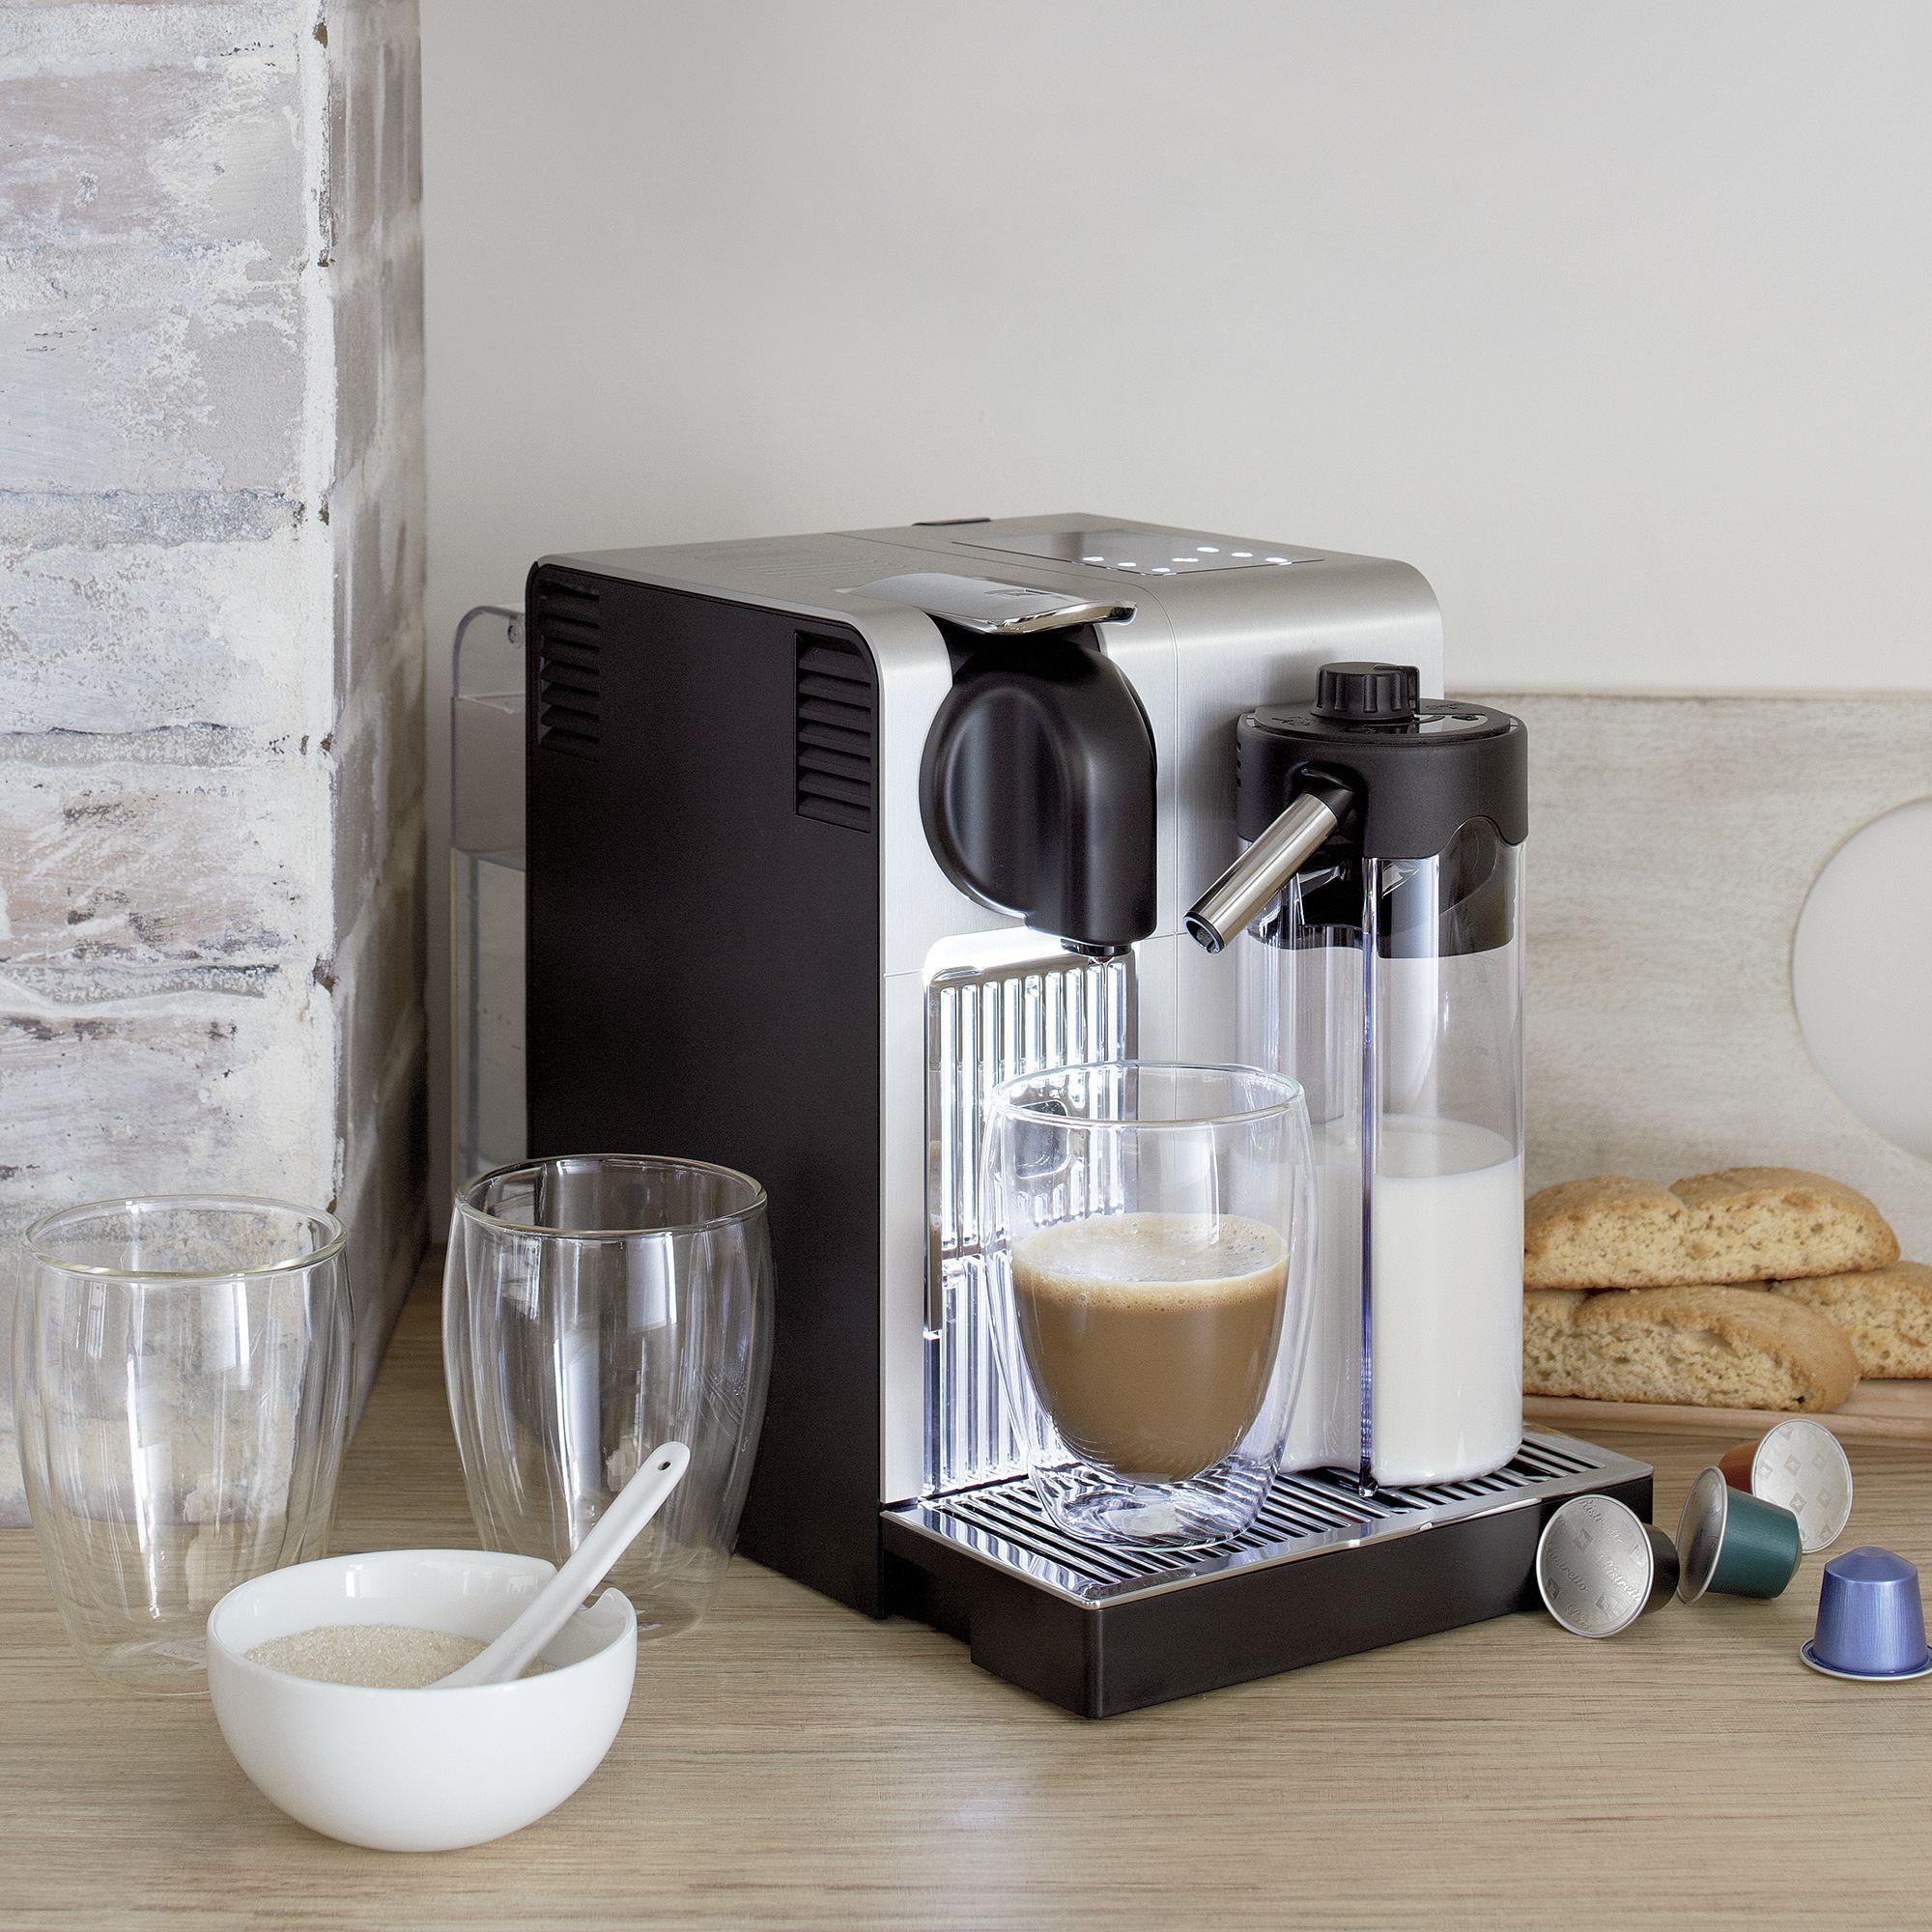 De Longhi Nespresso Lattissima Pro Espresso Maker Vacuum Coffee Maker Cappuccino Machine Breville Espresso Machine